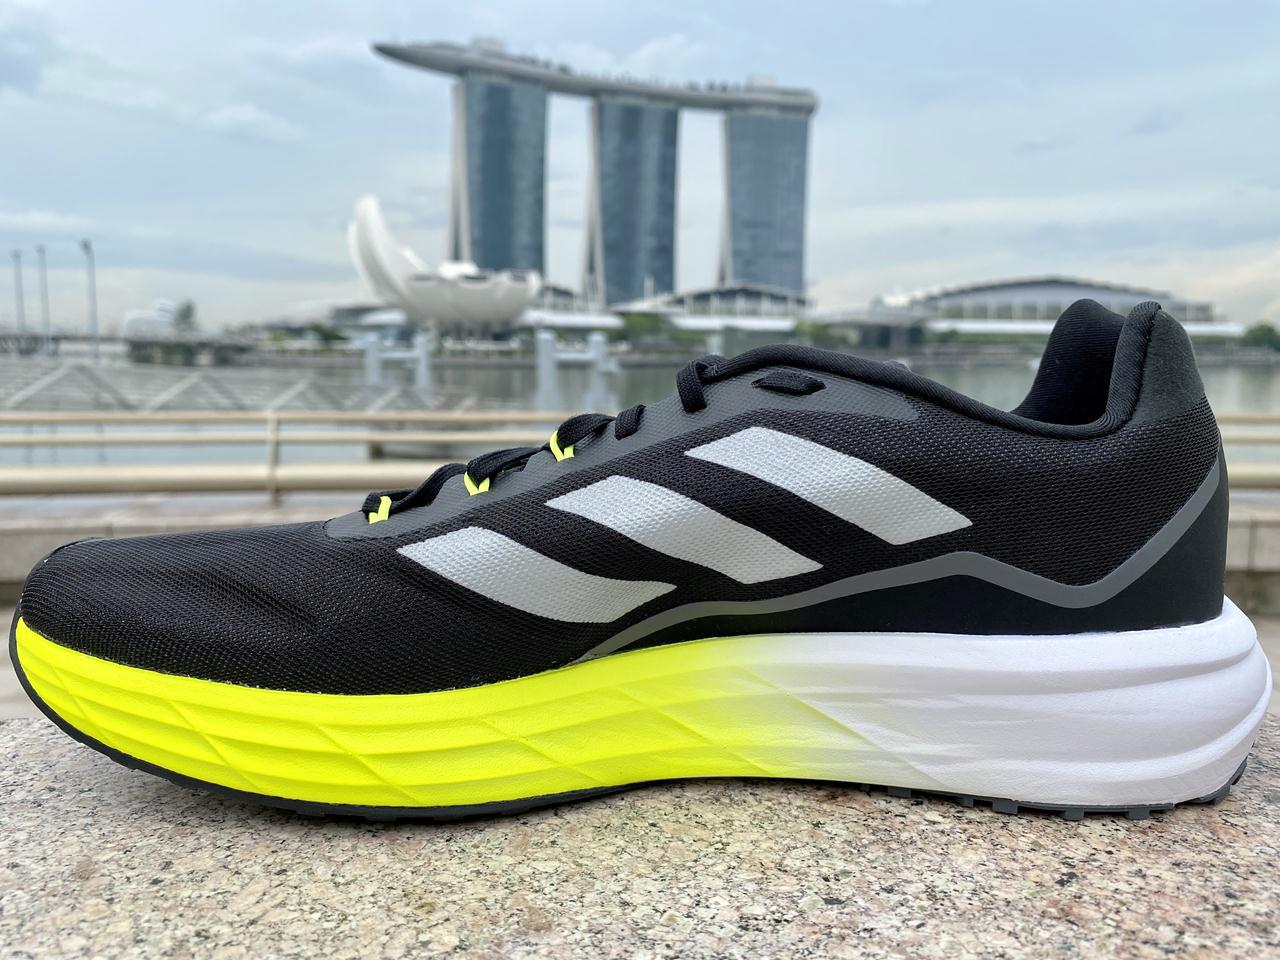 Adidas SL20.2 - Medial Side